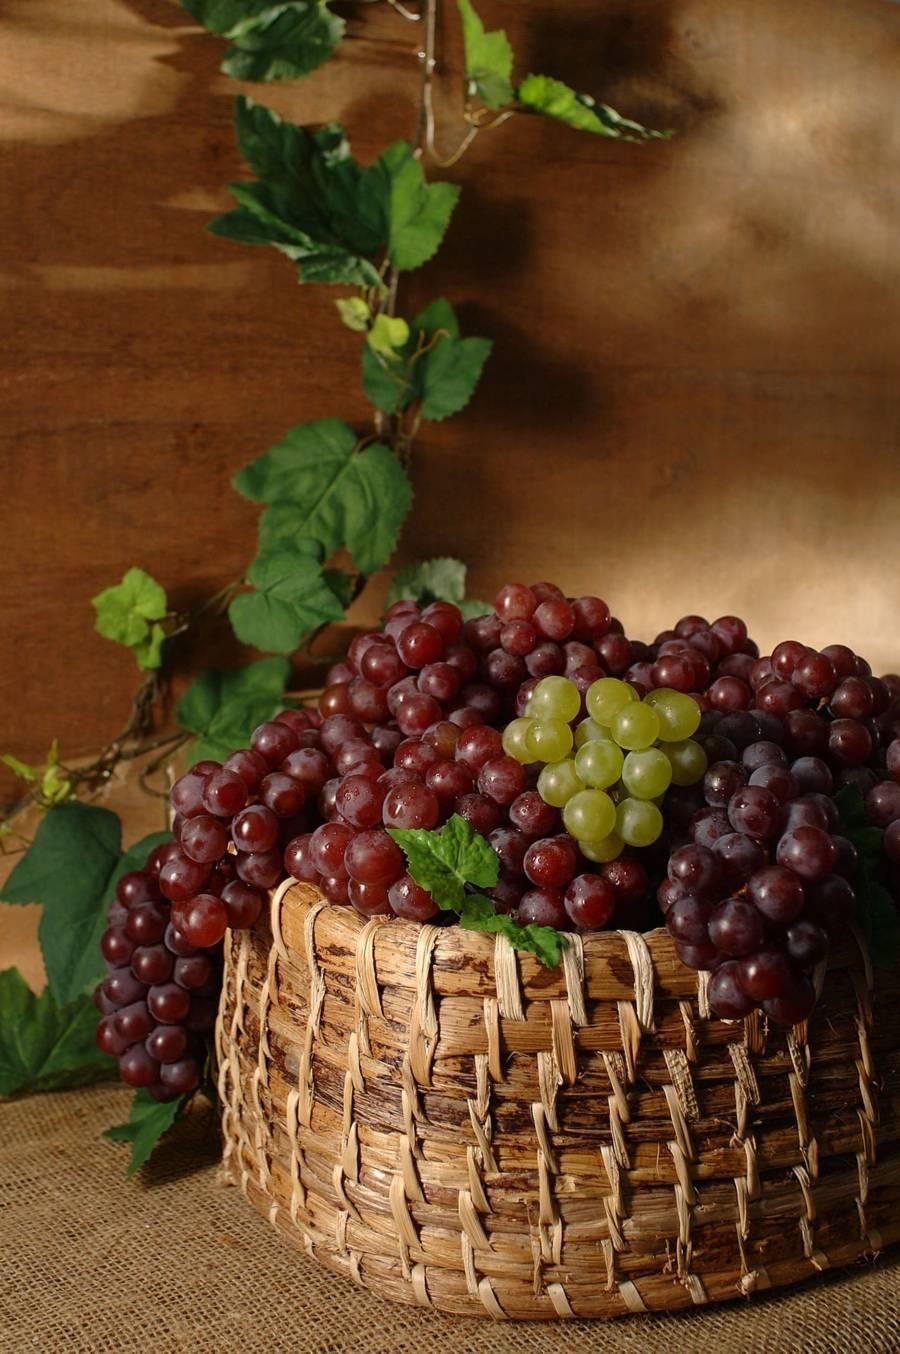 cesta com uvas, fundo em madeira com folhas